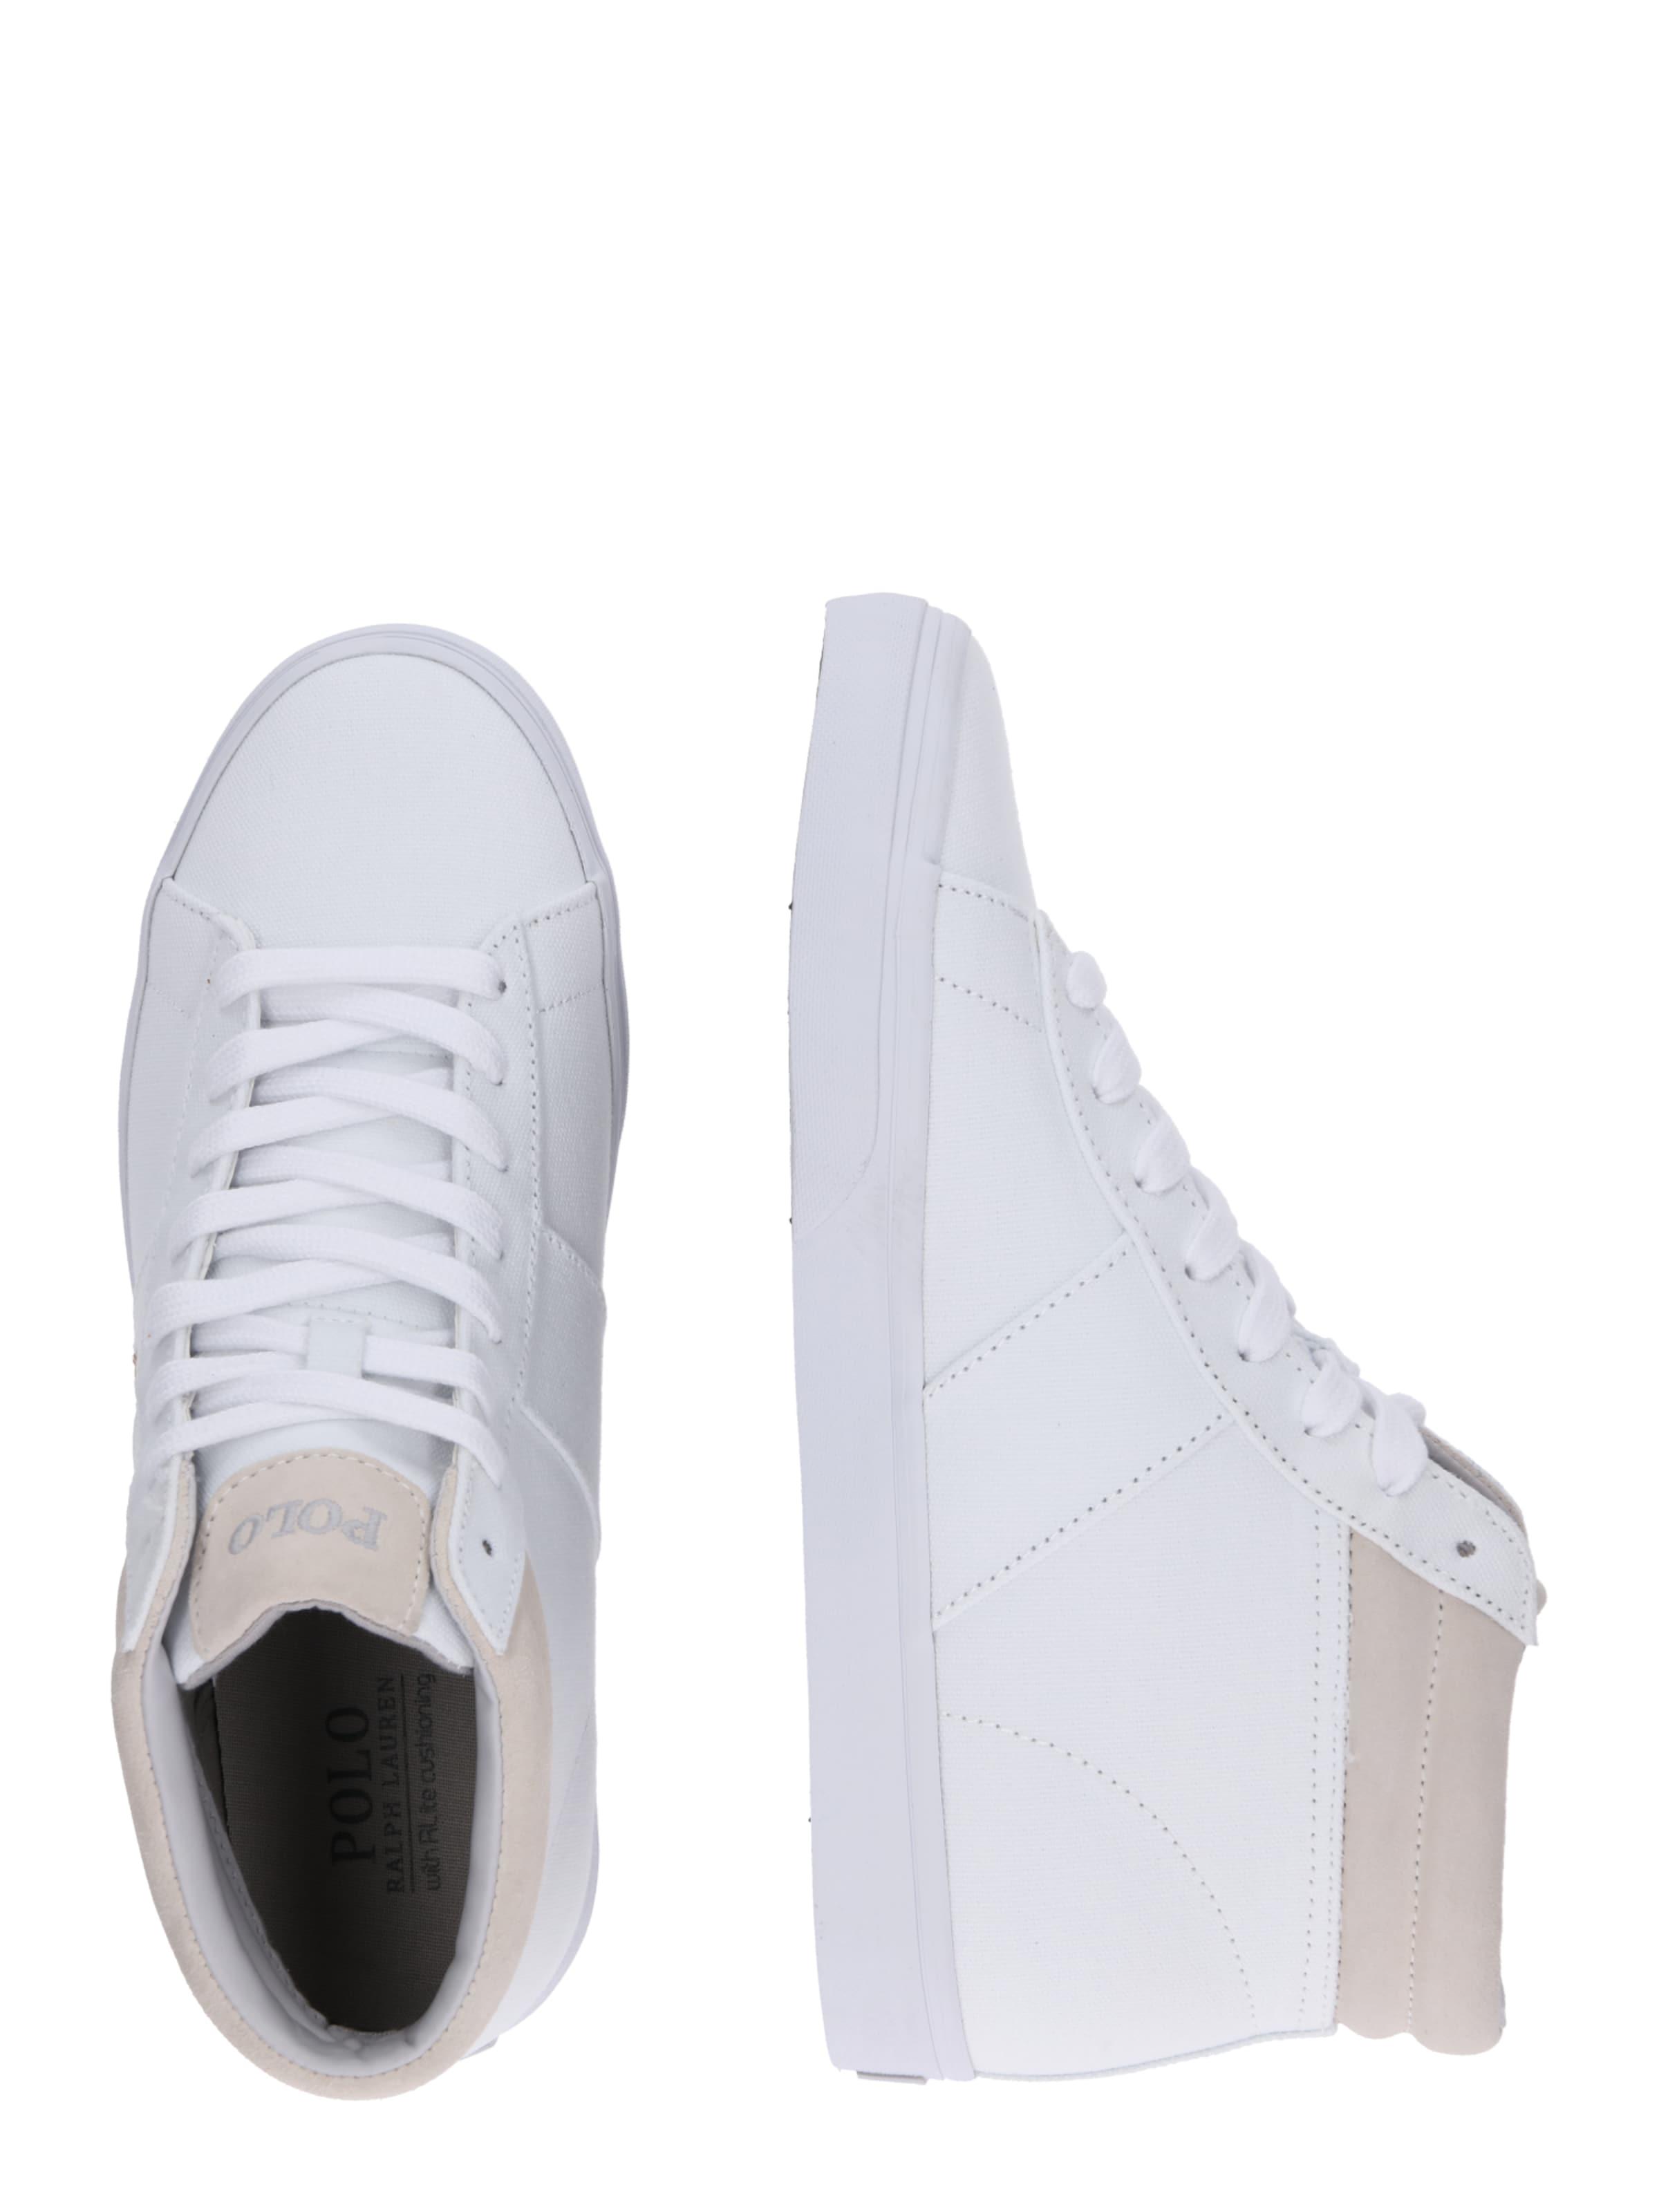 Polo Ne 'shaw Weiß Canvas' In Ralph Lauren Sneaker Rc4Aj5L3q